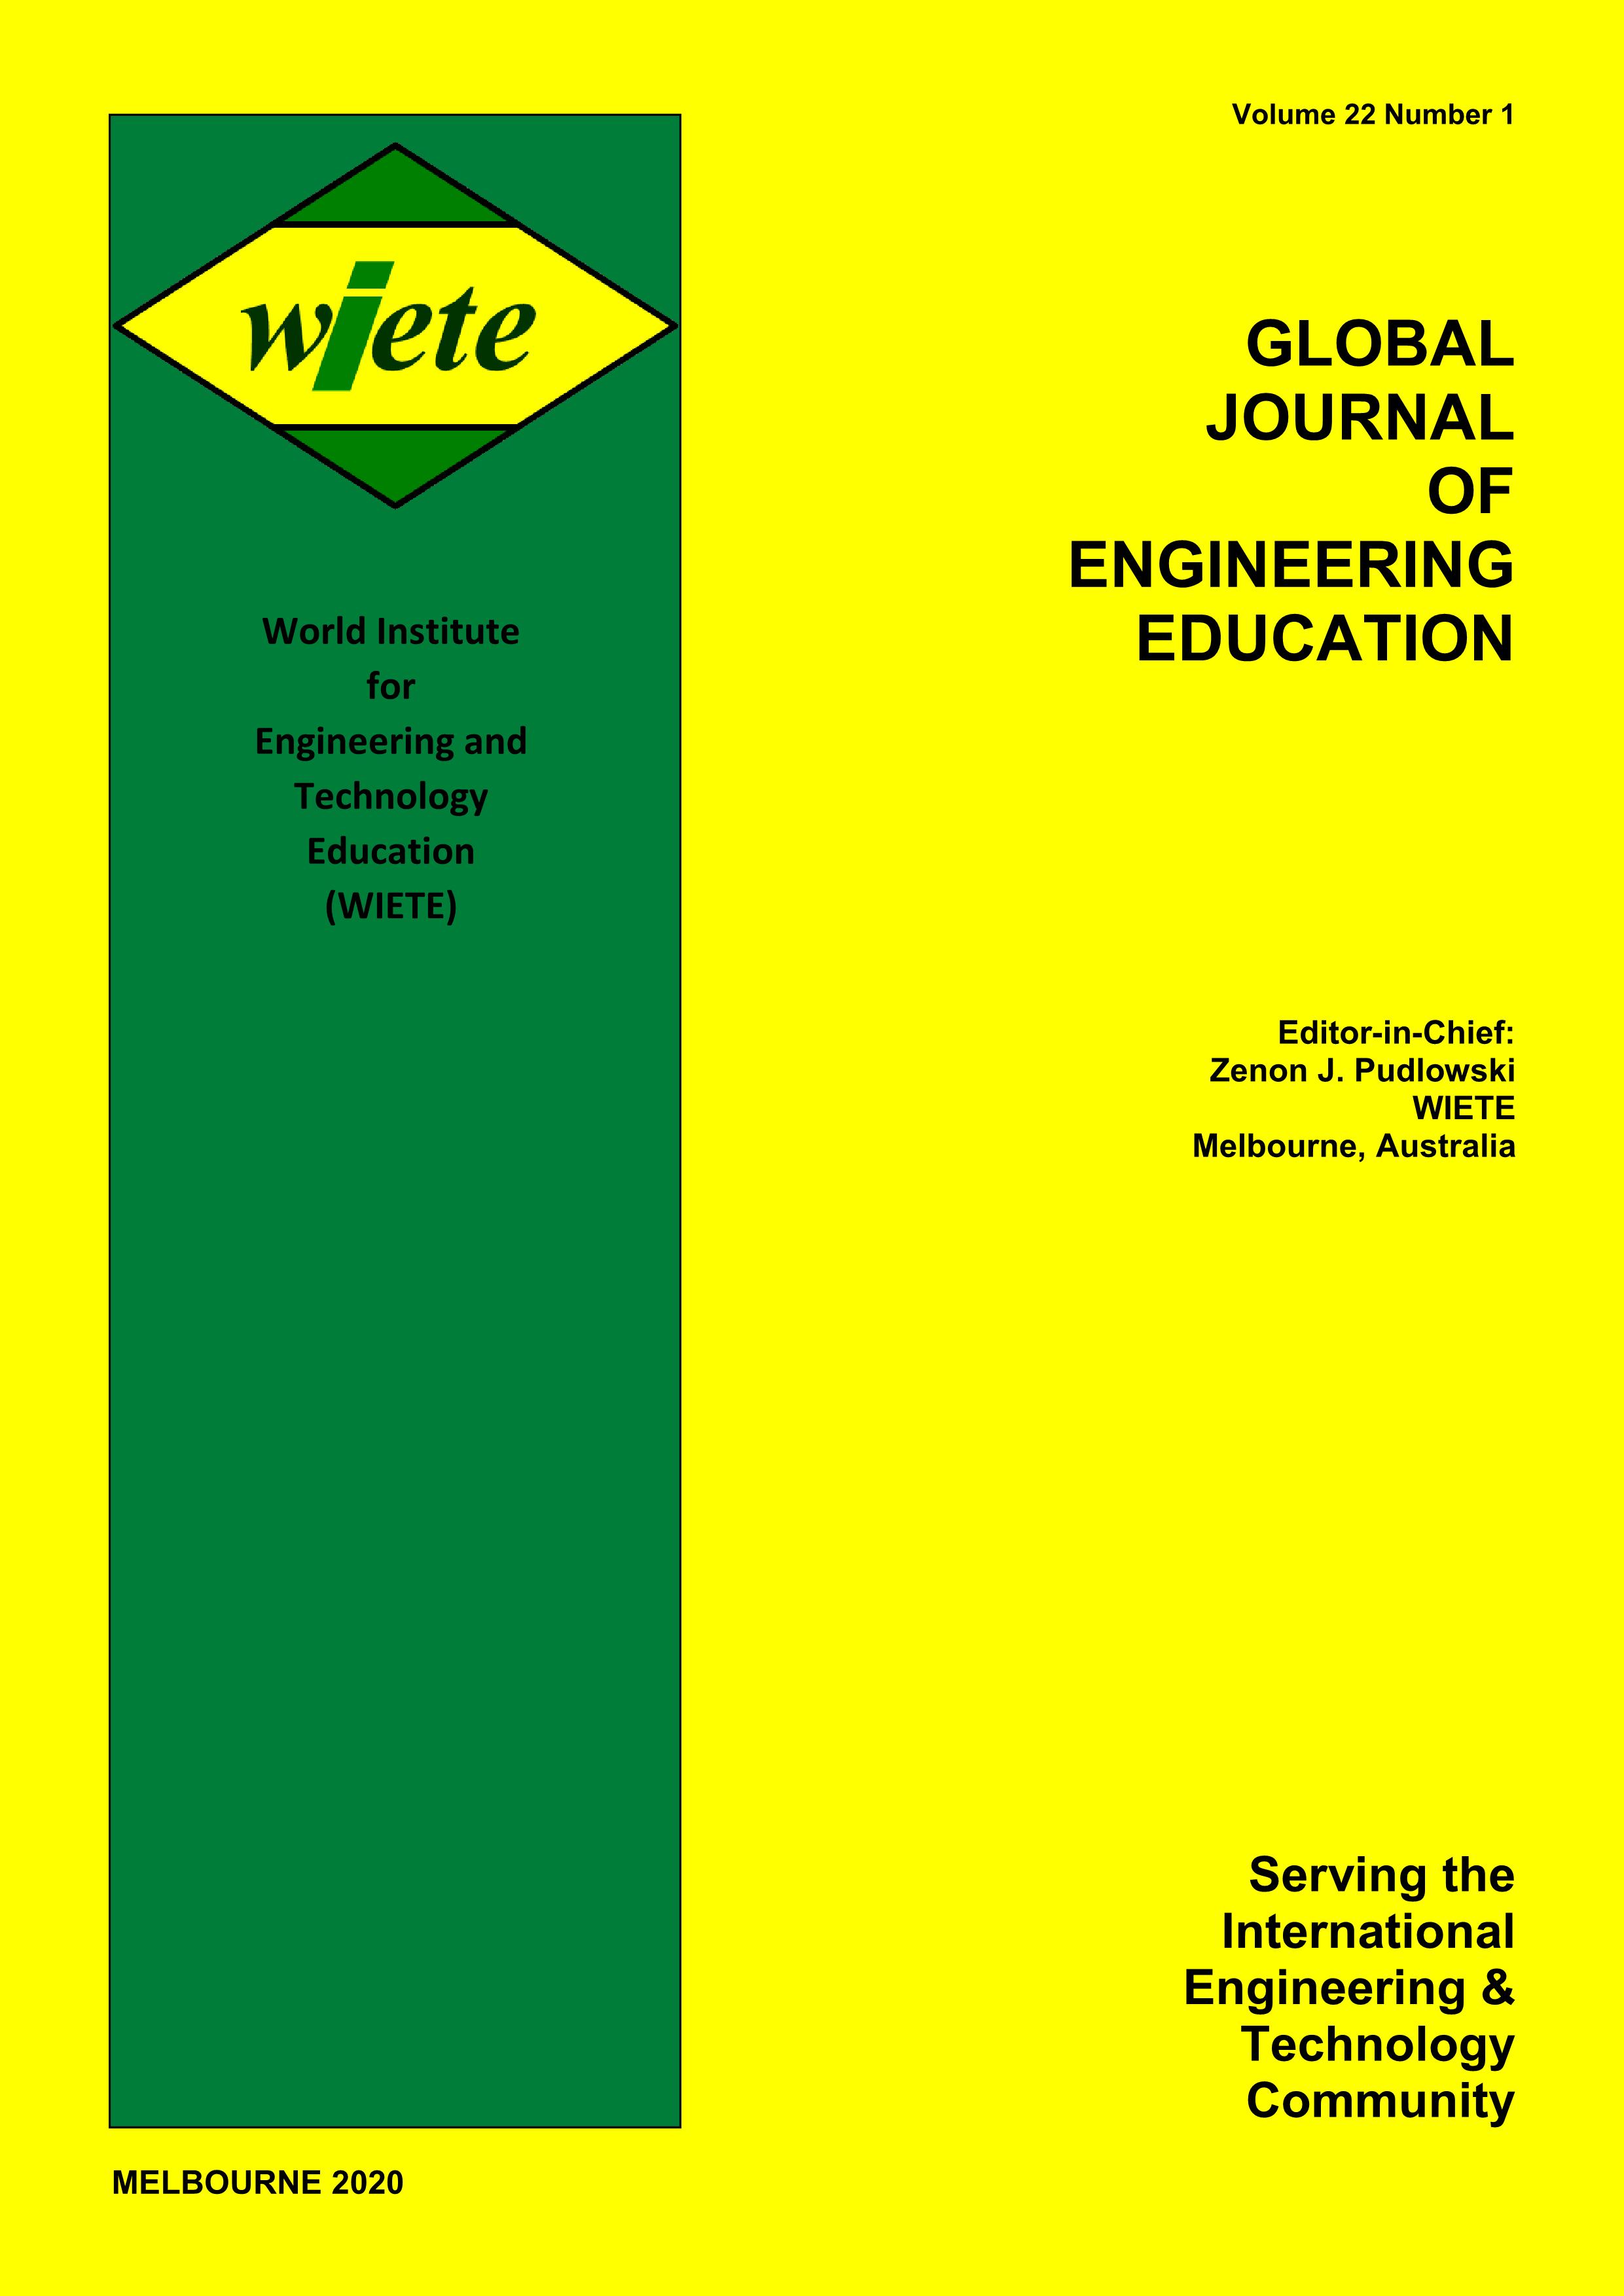 Global Journal of Engineering Education